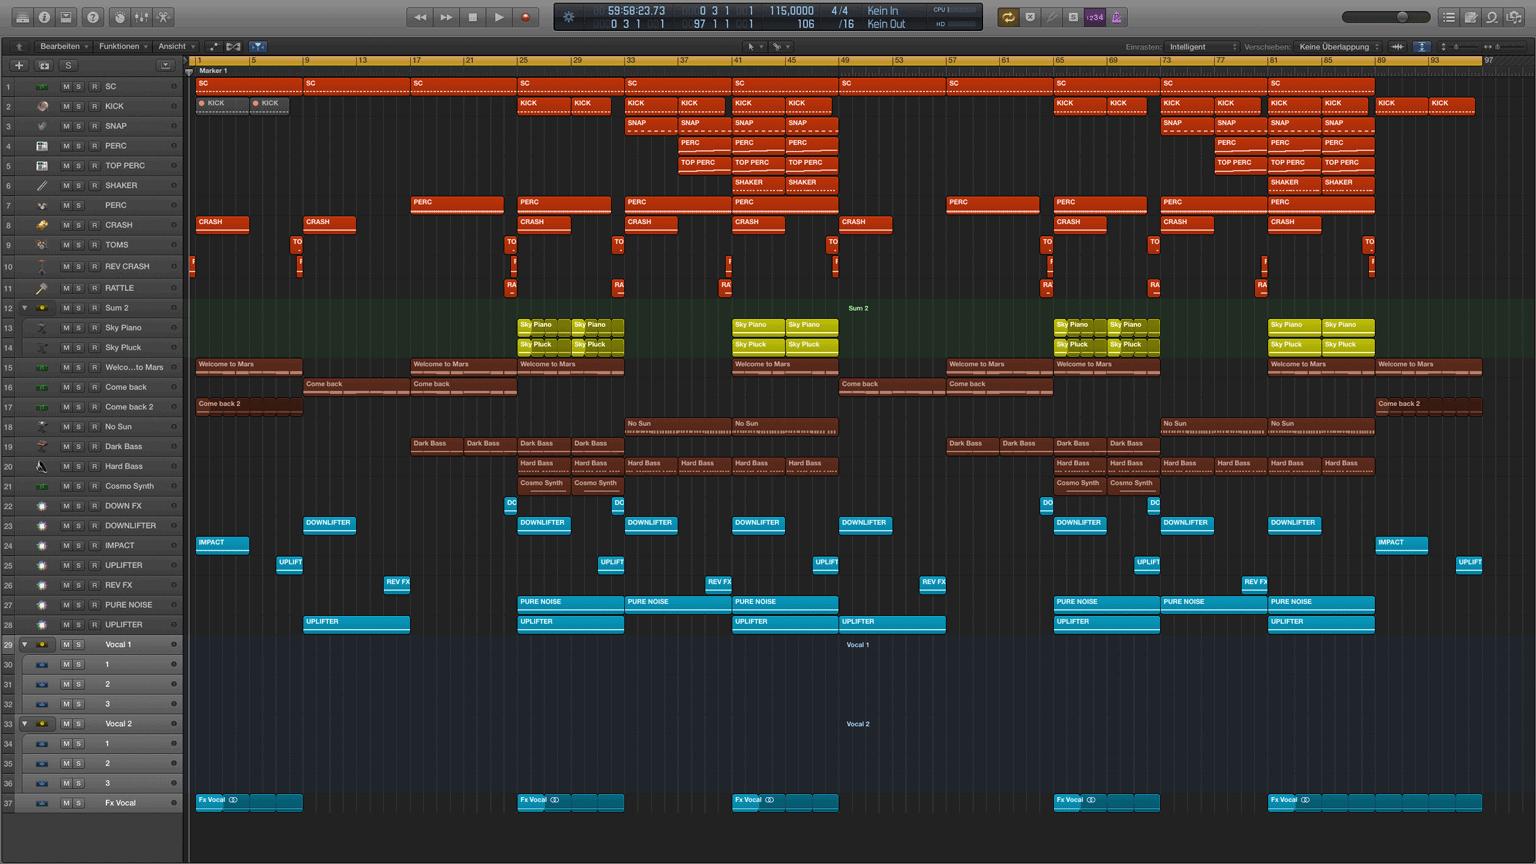 Original-Skin-Logic-Pro-X-Template1